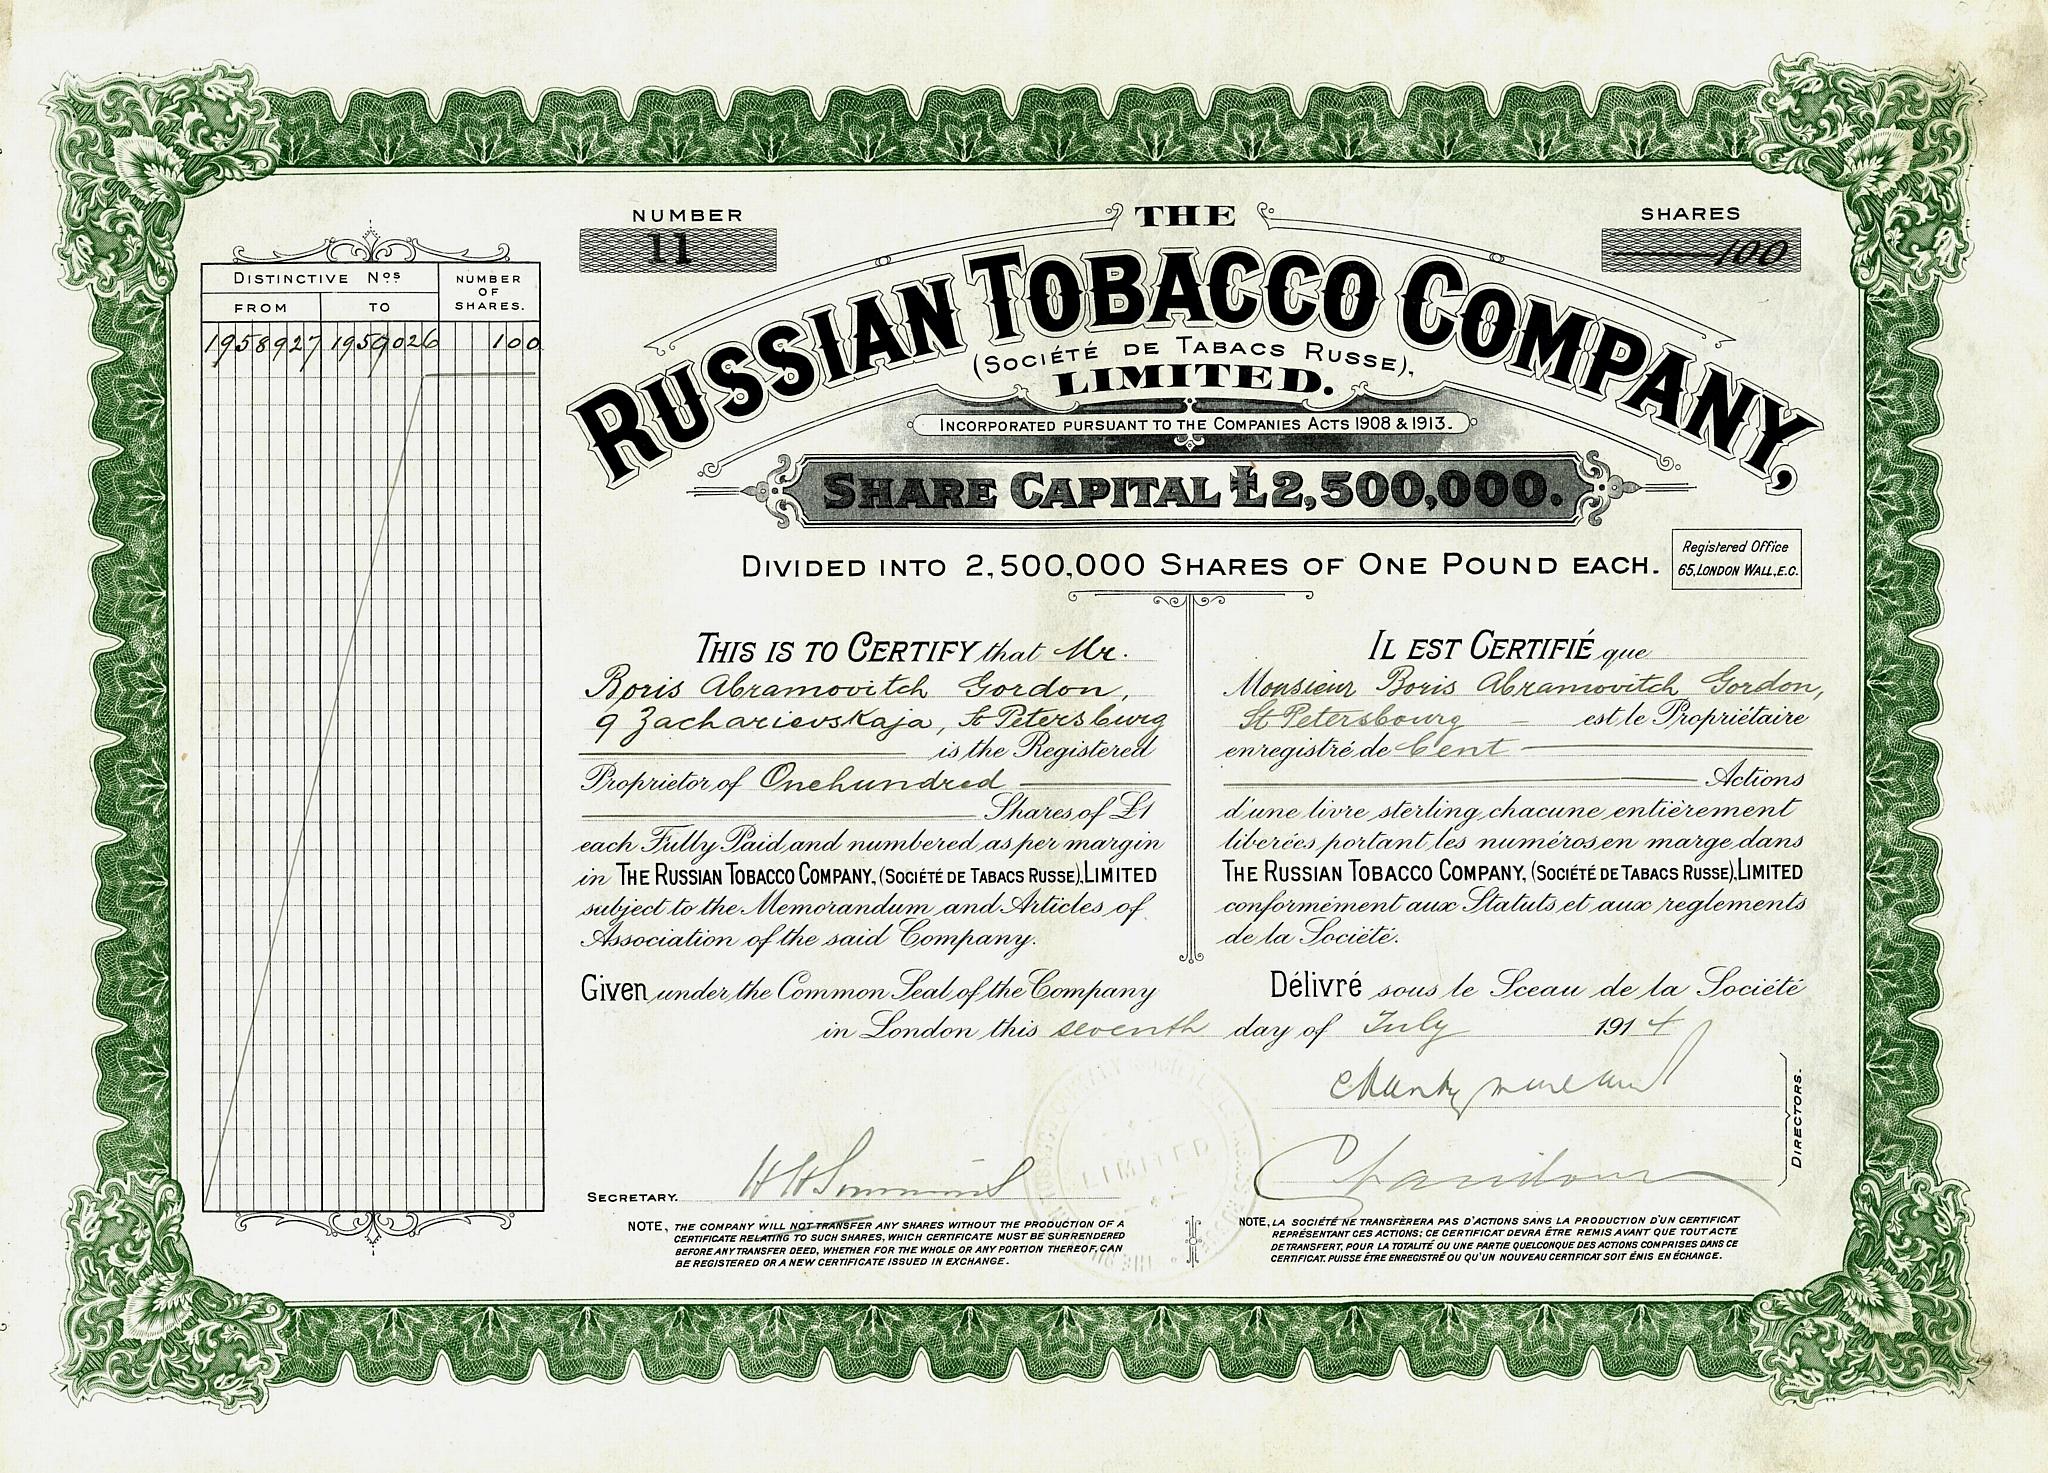 История. Русская табачная компания.